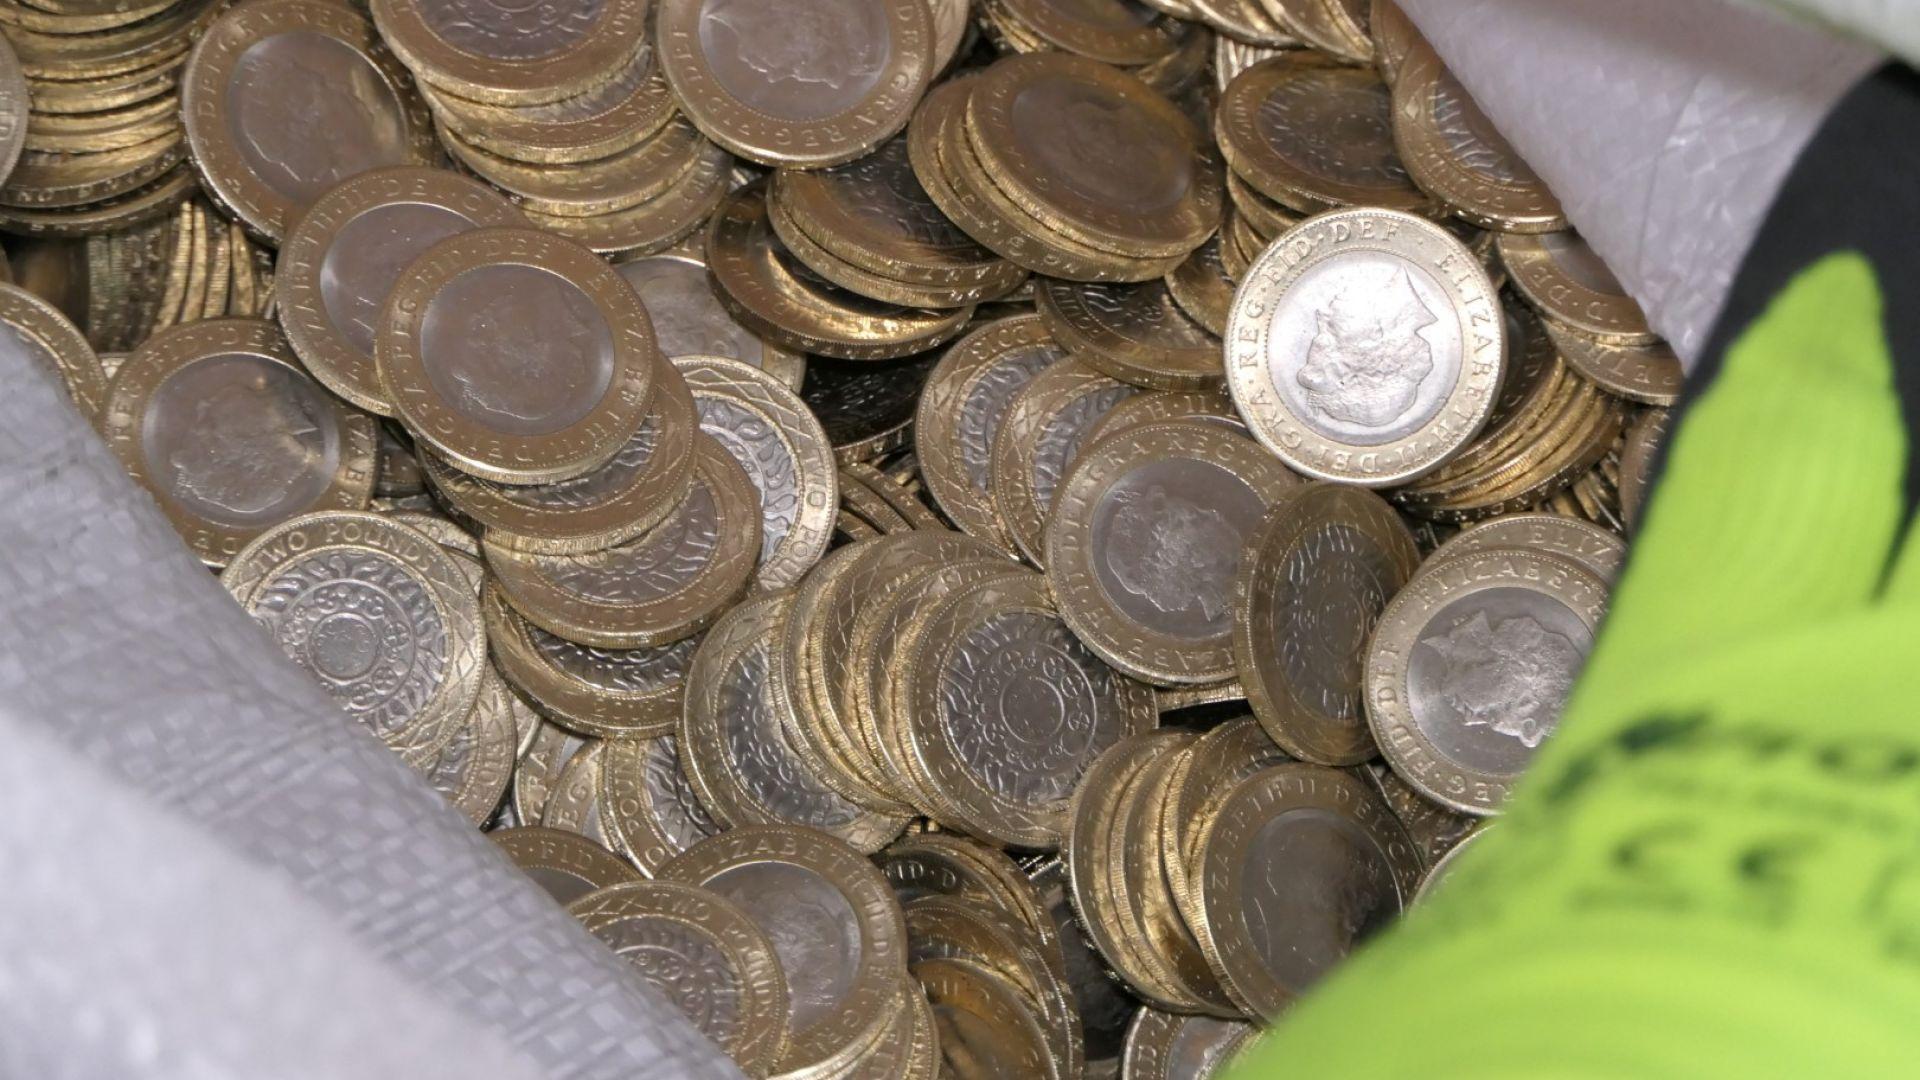 ГДБОП разби цех за фалшиви британски лири (видео)